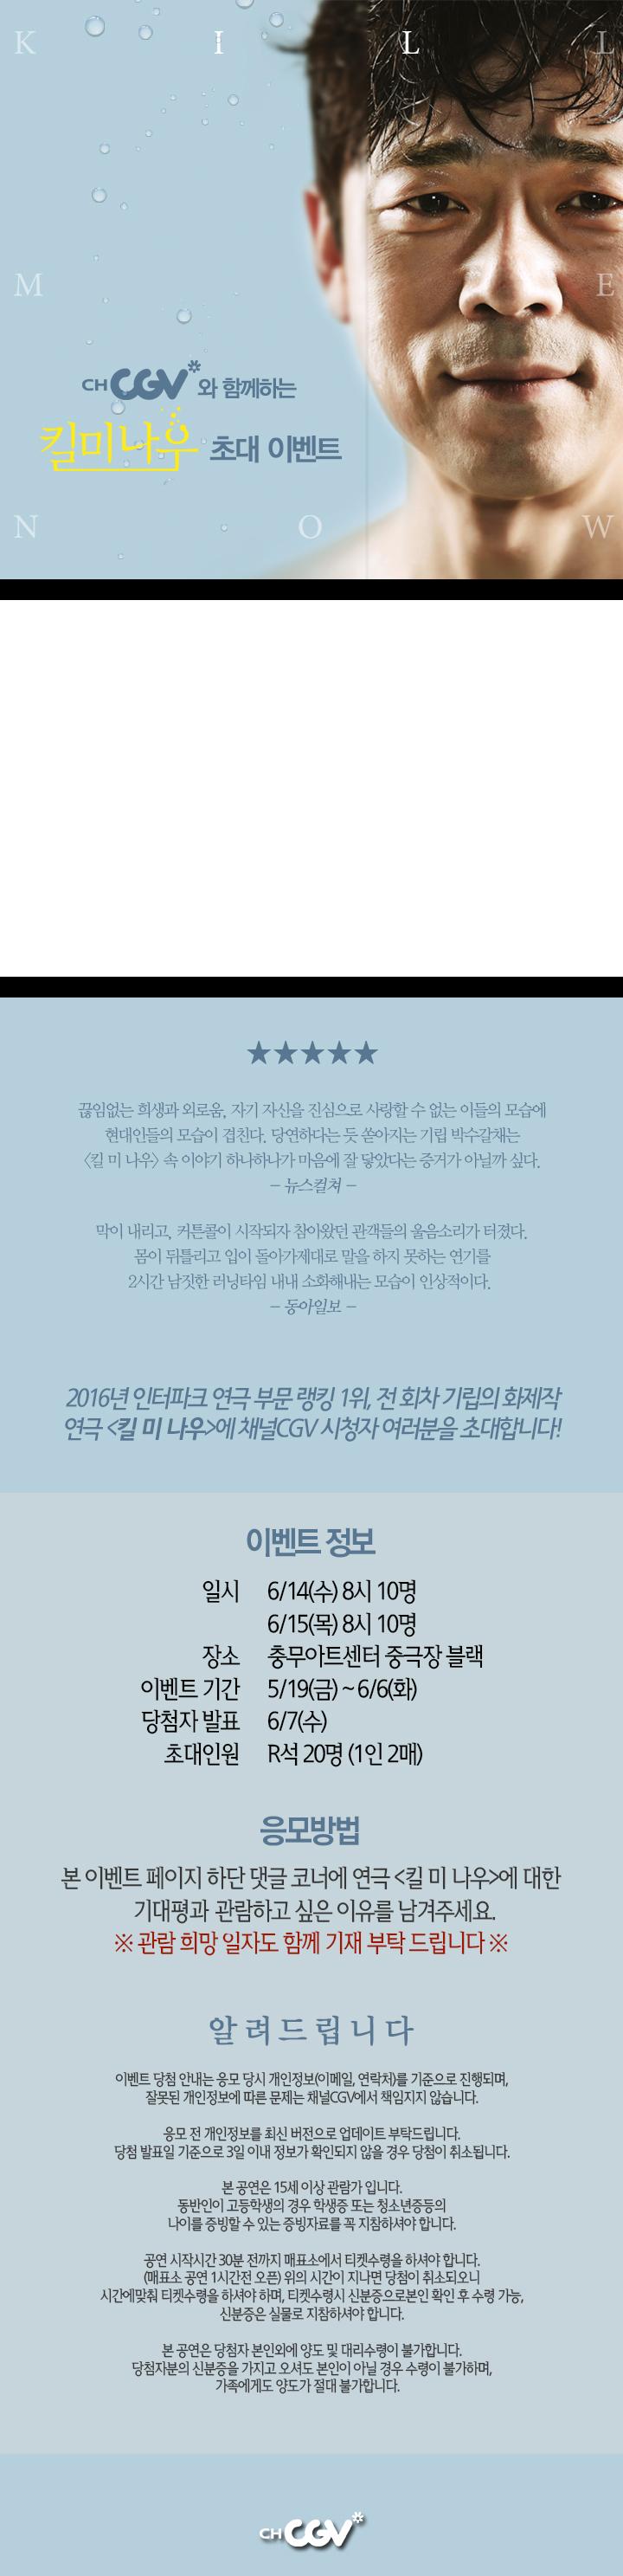 채널CGV와 함께하는 연극 [킬 미 나우] 초대 이벤트